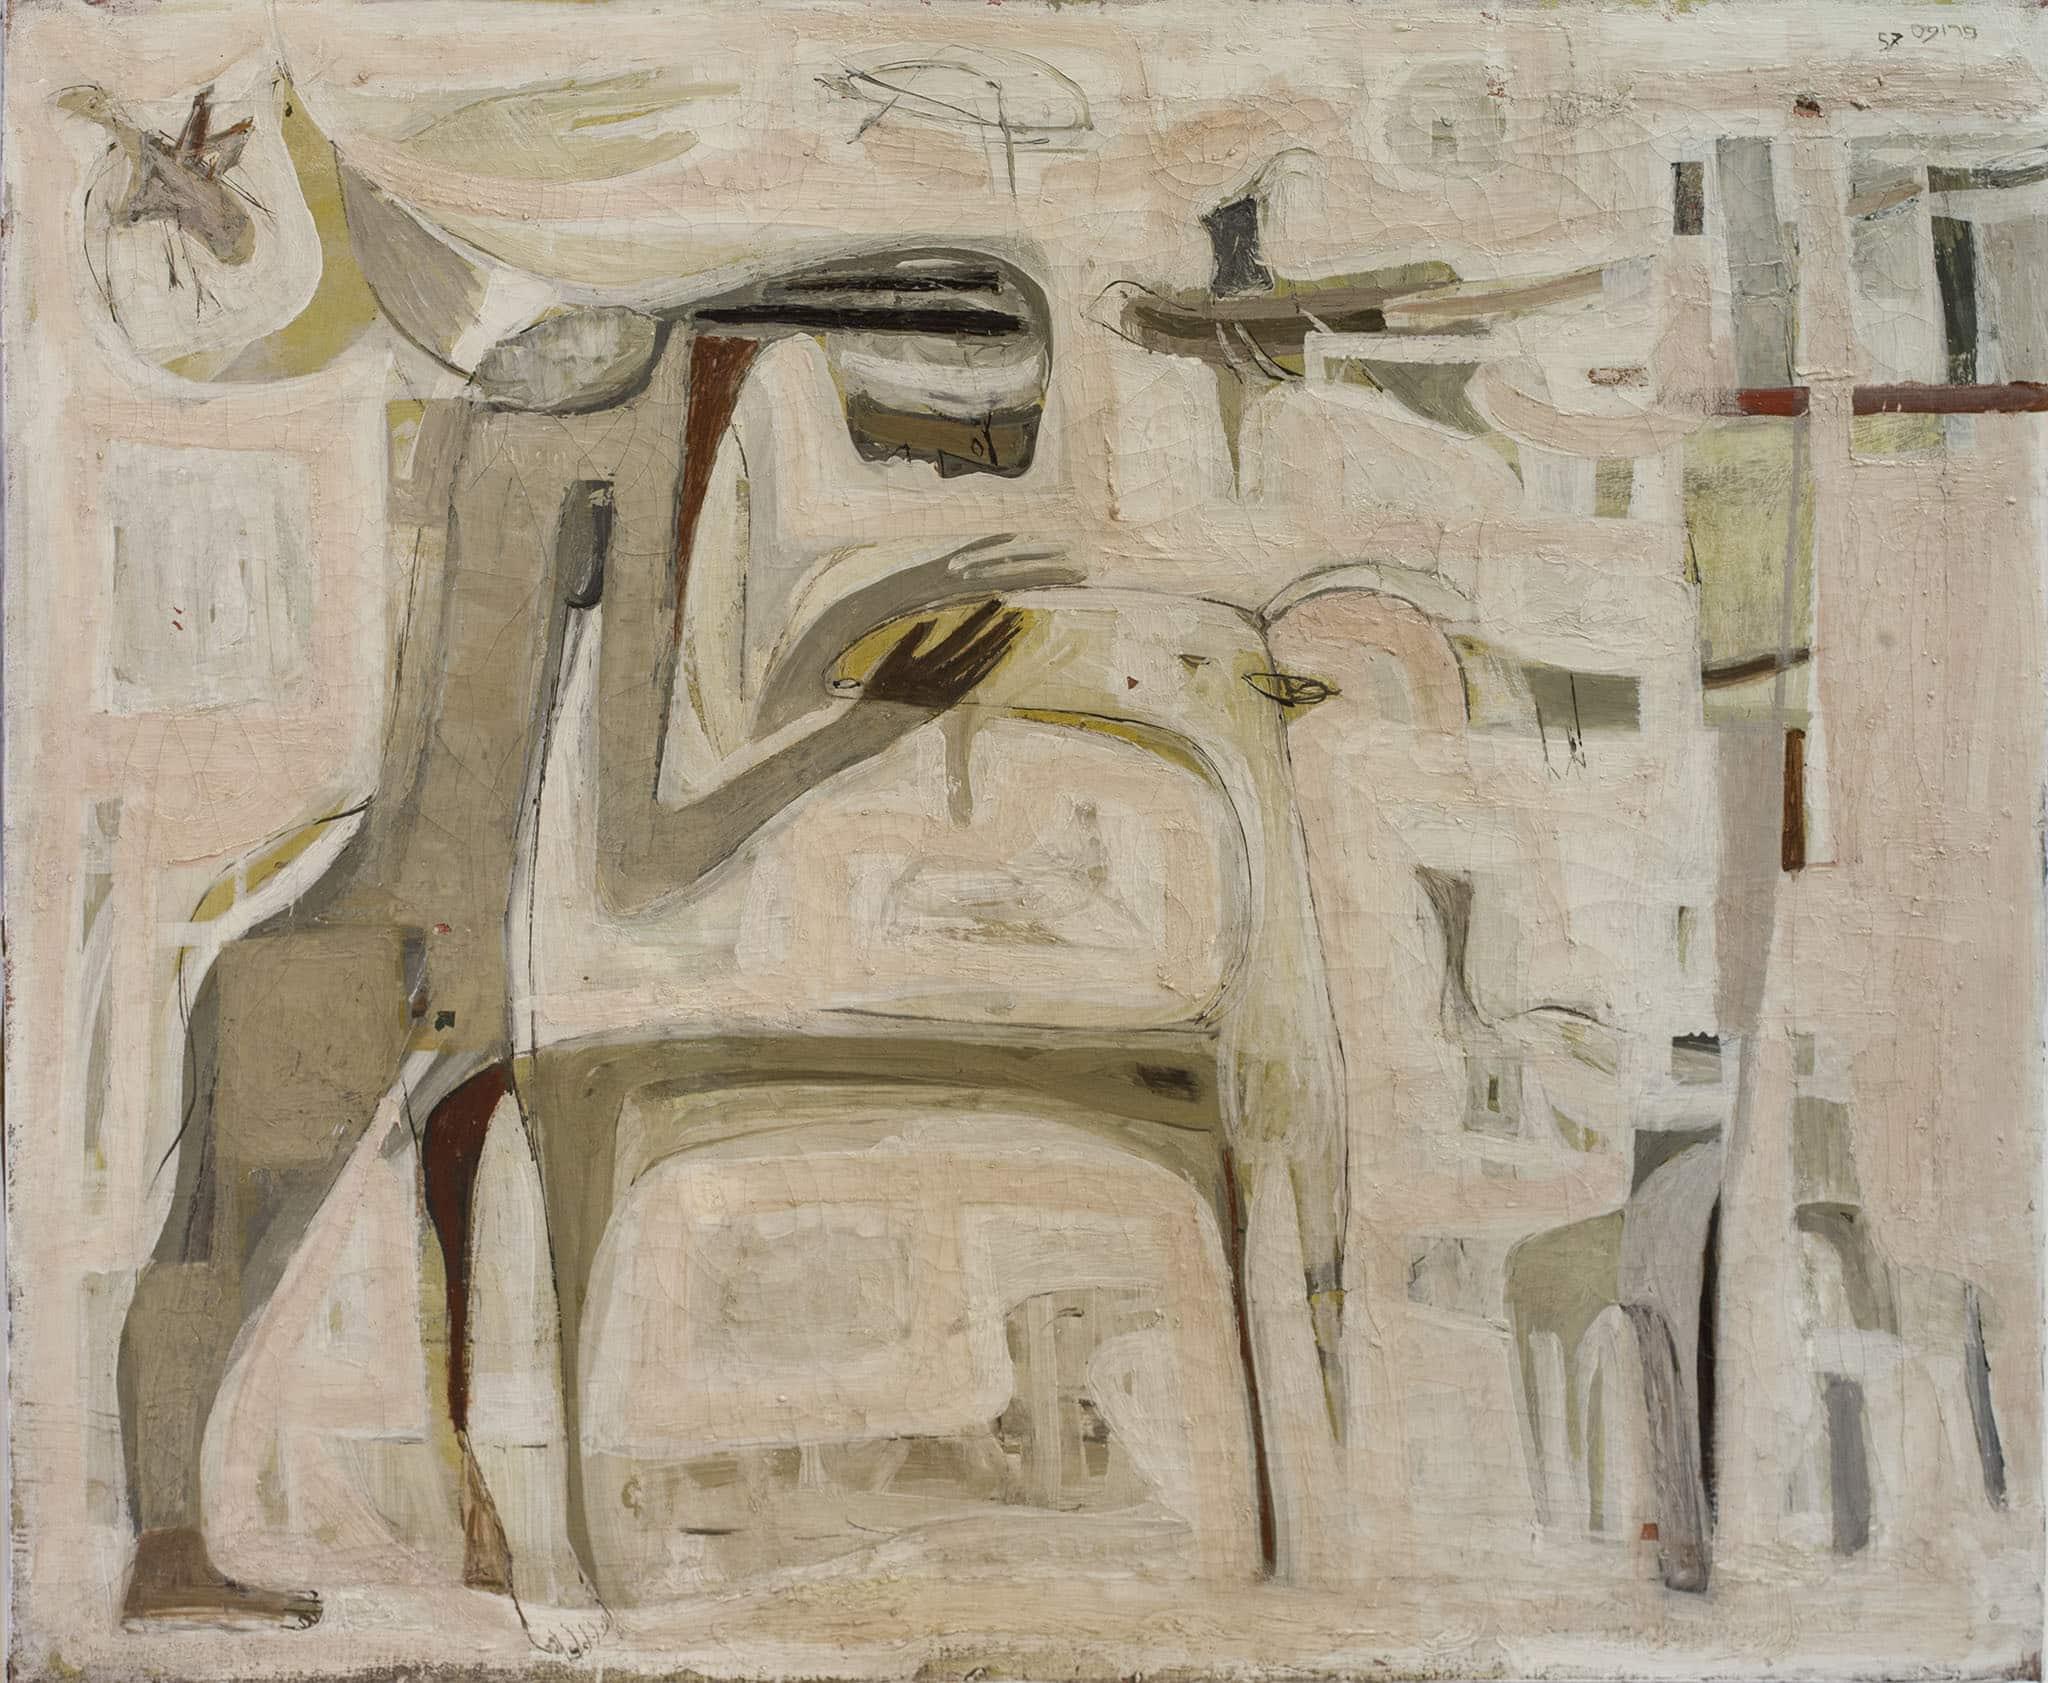 """משה פרופס, """"דמויות"""", 1957, שמן על בד, 60x73 ס""""מ"""